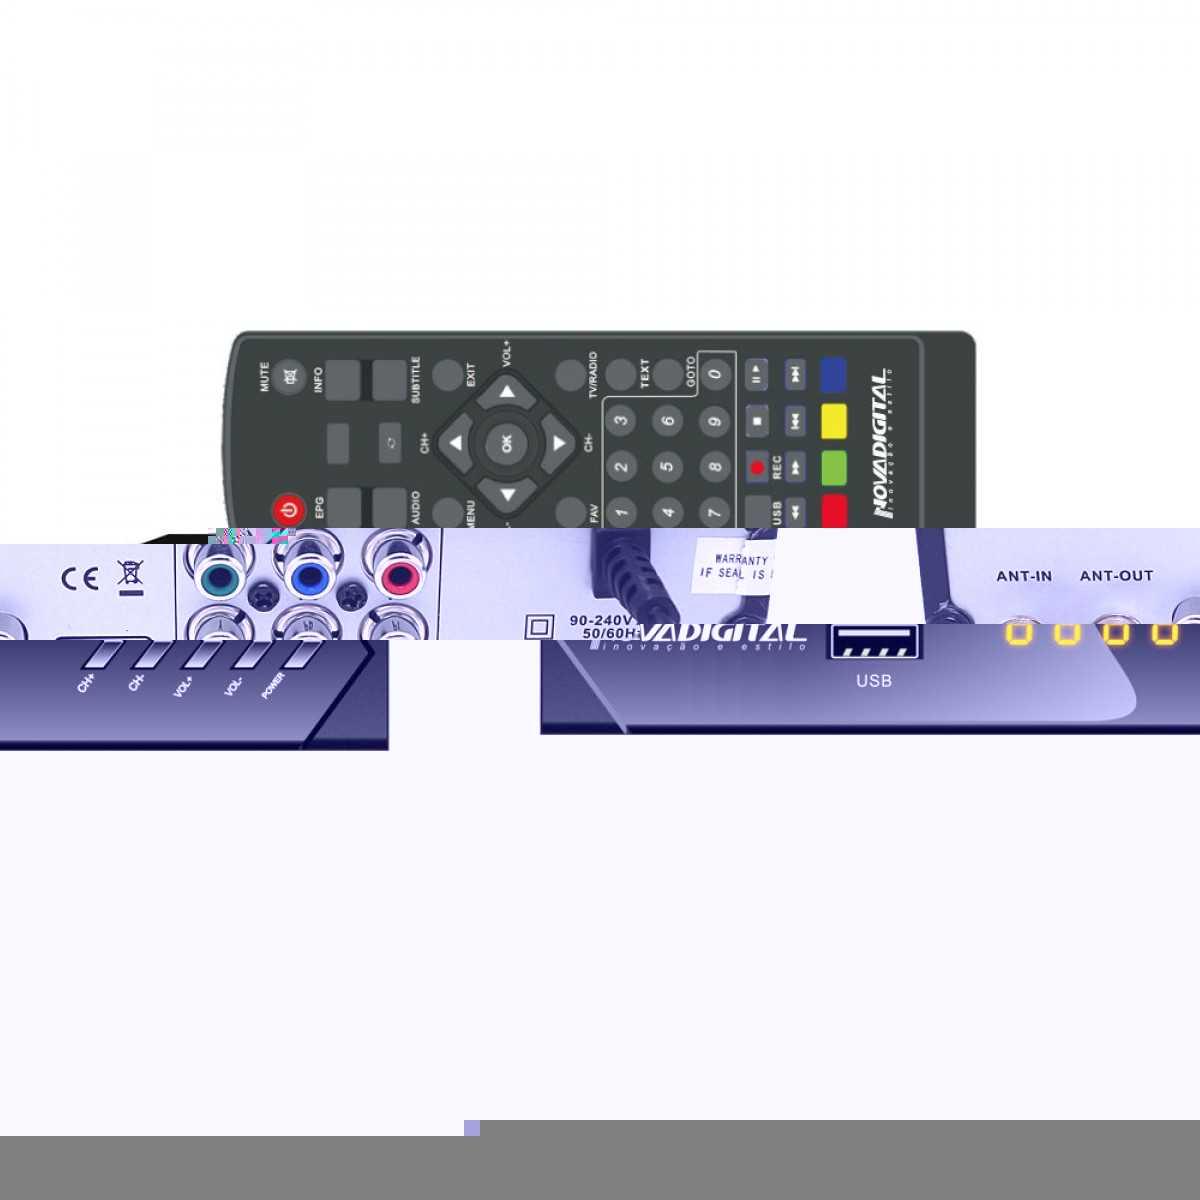 Kit Conversor Gravador Digital HDTV Full HD Antena Interna DTV-100 Aquário